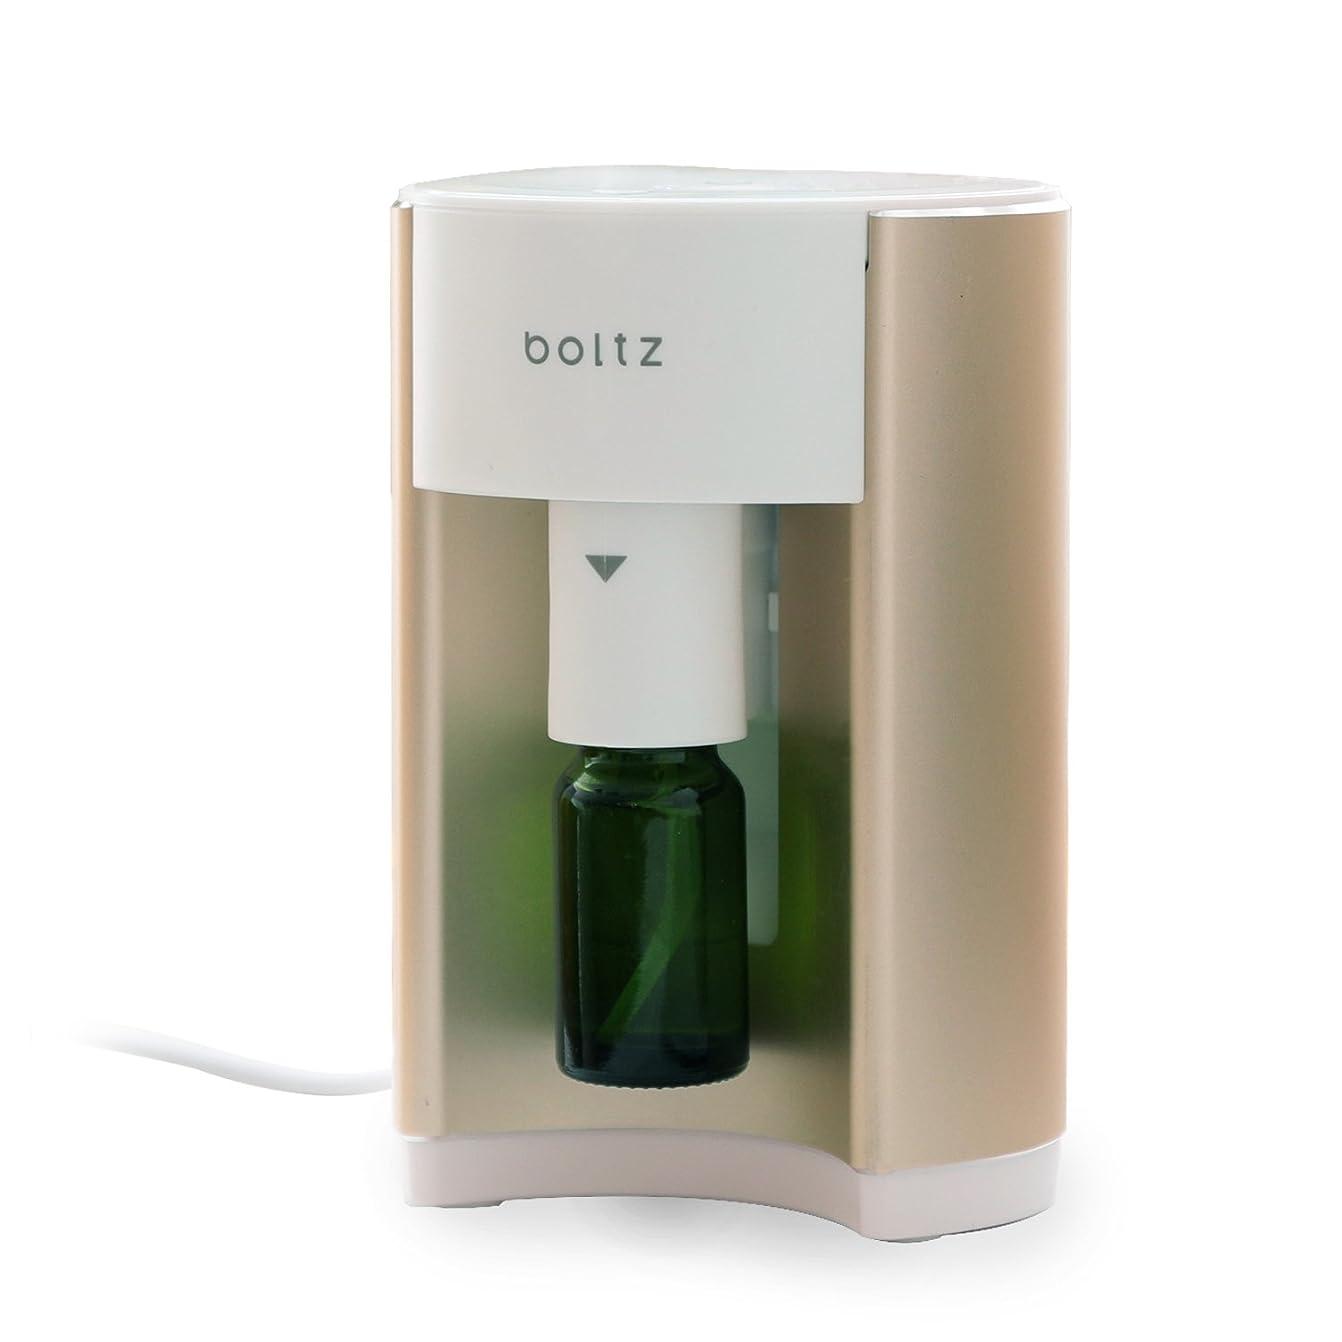 のぞき穴やむを得ない位置するアロマディフューザー ルームフレグランス boltz ボトルを直接セット 専用ボトル付 タイマー付き USB コンセント付き アロマ ディフューザー コンパクト ゴールド